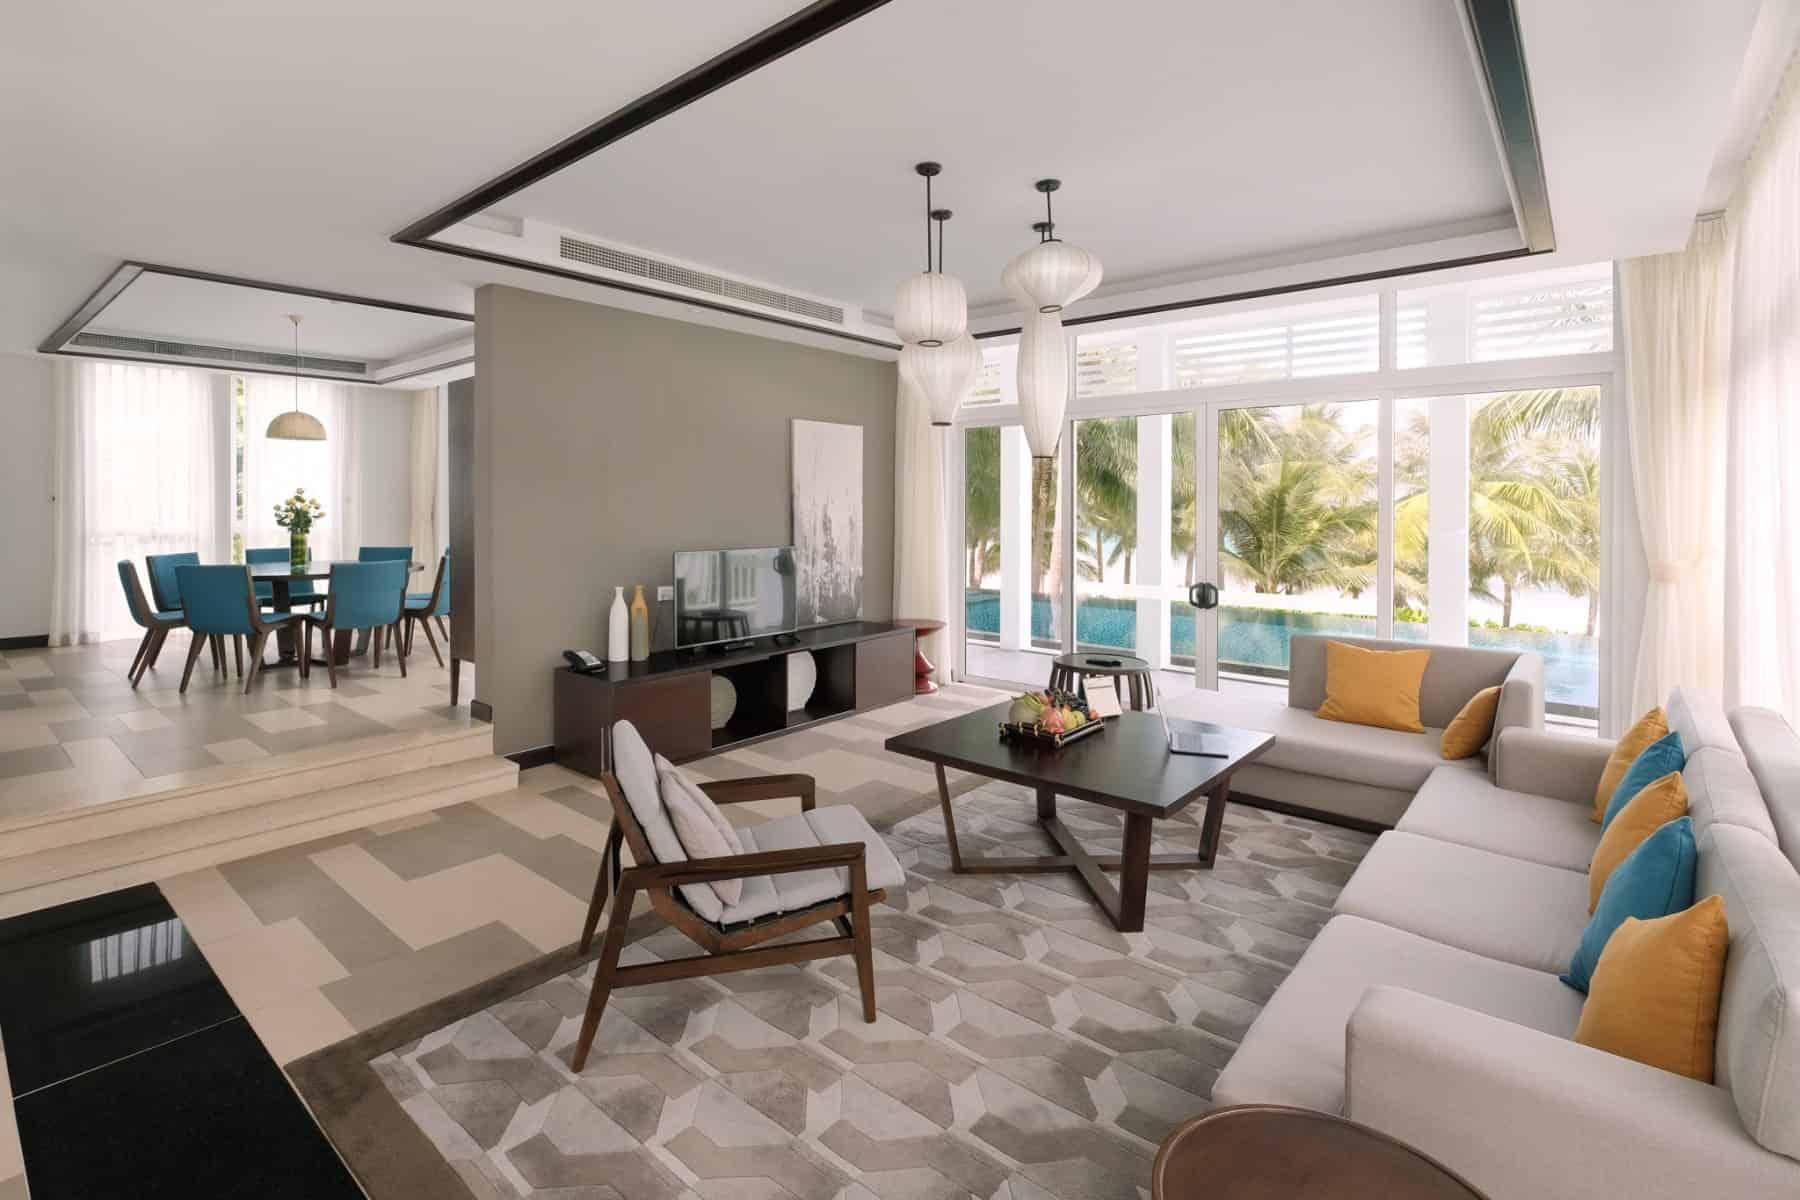 Thiết kế phòng khách sang trọng, ưu tiên những khoảng mở để tối ưu ánh sáng tự nhiên và tầm nhìn đẹp